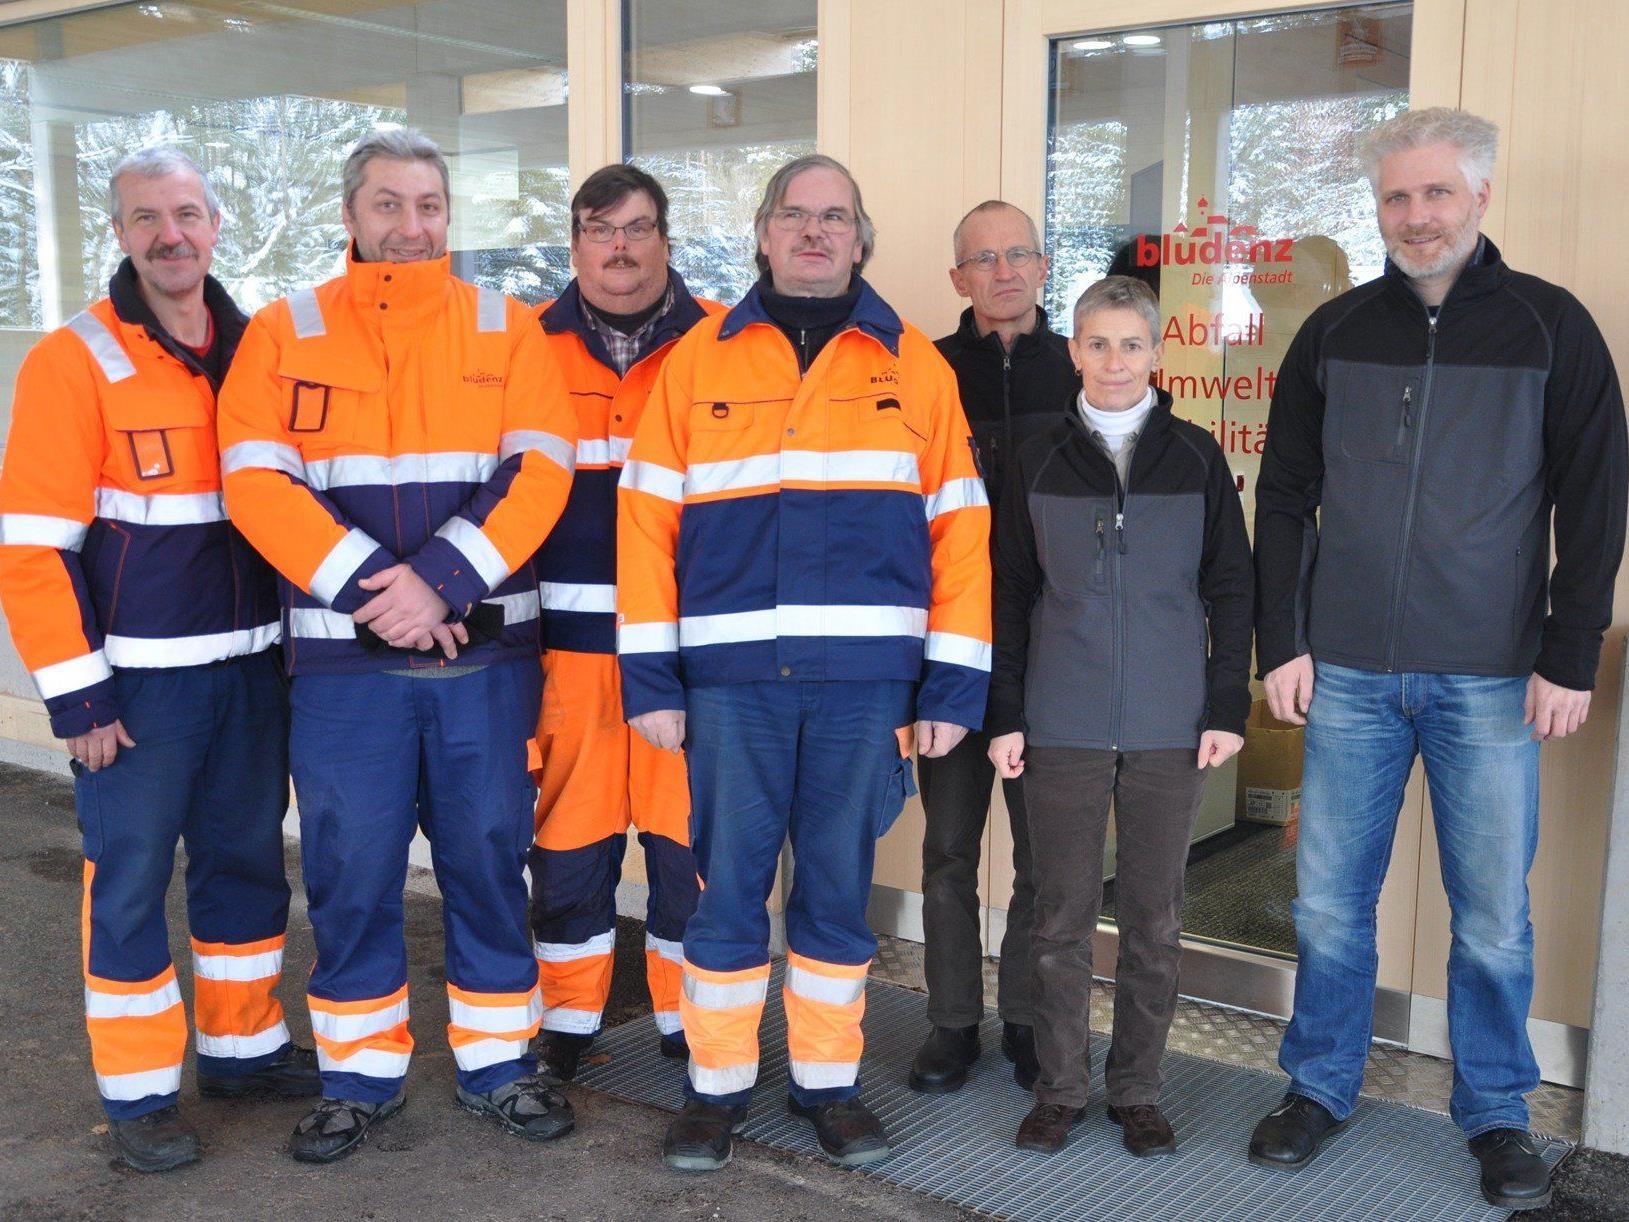 Das ASZ-Team v.l.n.r.: Oswald Simma (Kundenbetreuung), Rusmin Kadric (Kundenbetreuung), Gerhard Gunz (Betreuung Grünmüll), Walter Bertsch (Betreuung Grünmüll), Markus Feuerstein (Verwaltung), Birgit Wallner (Verwaltung), Matthias Mayr (Leitung)